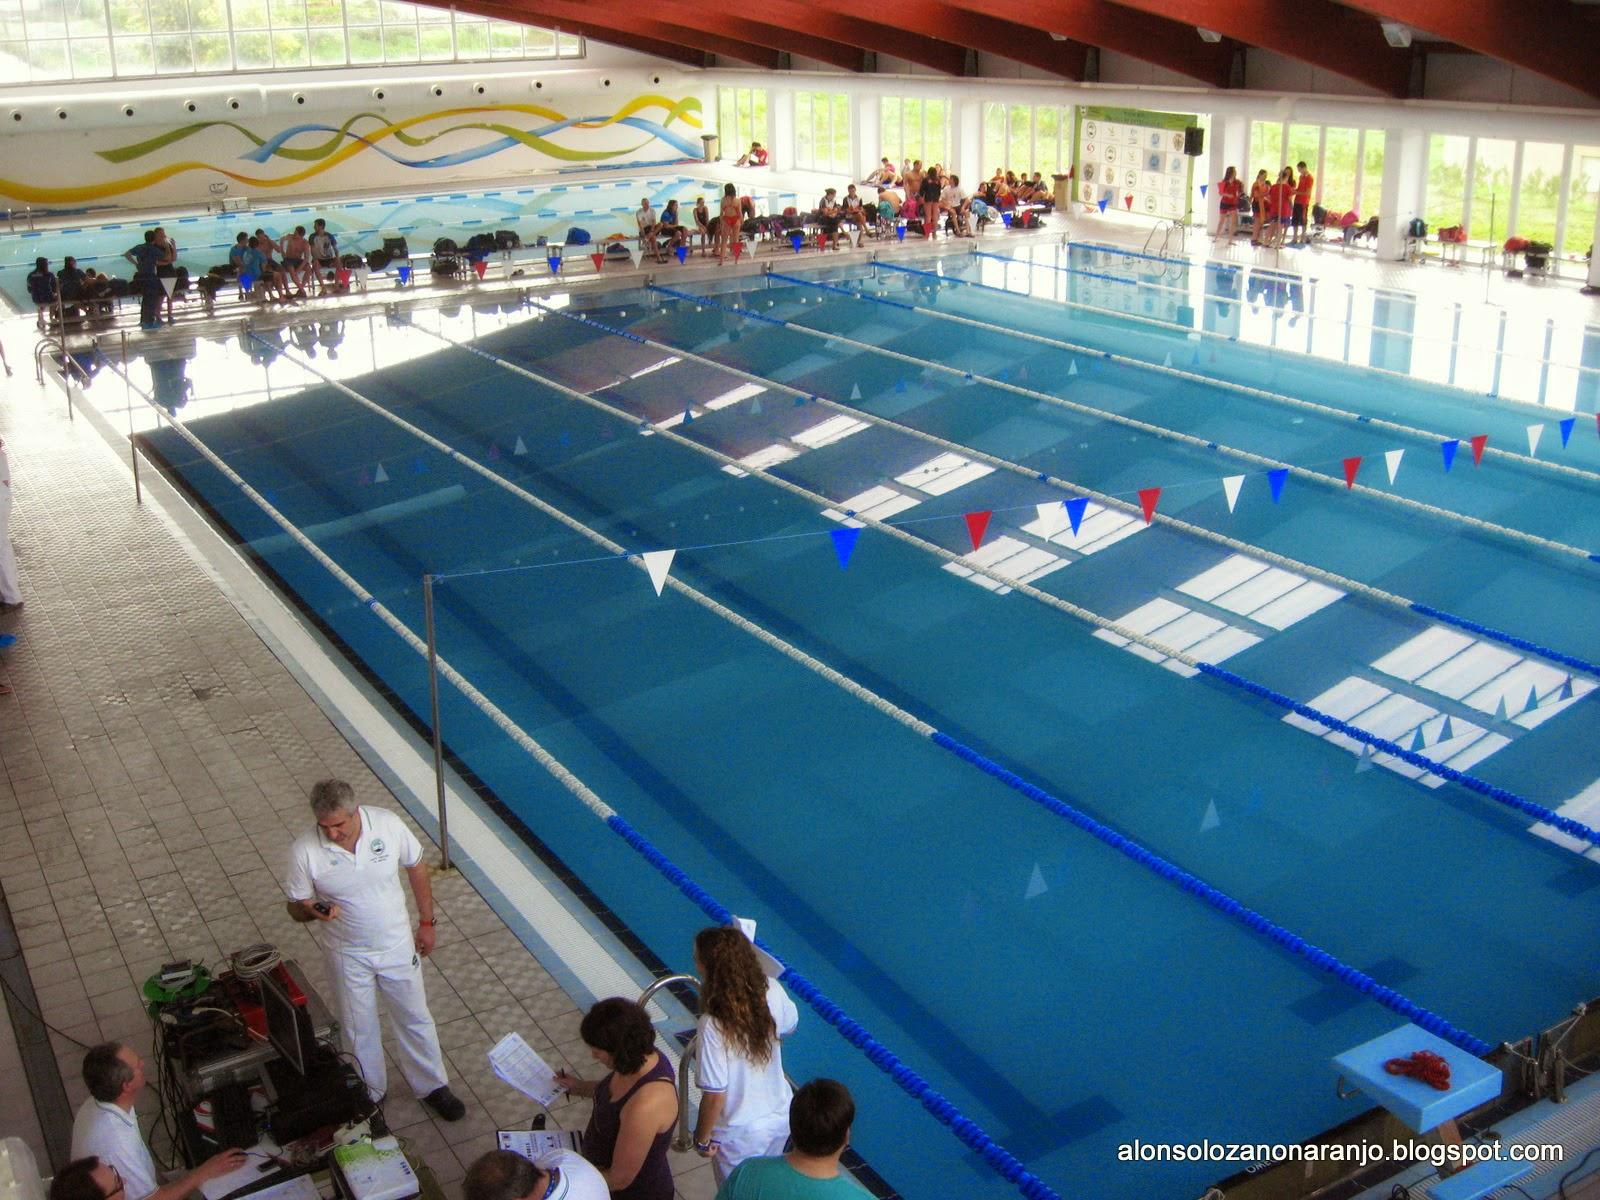 Alonso lozano mi blog fechas y sedes de los campeonatos for Piscina 50 metros cadiz